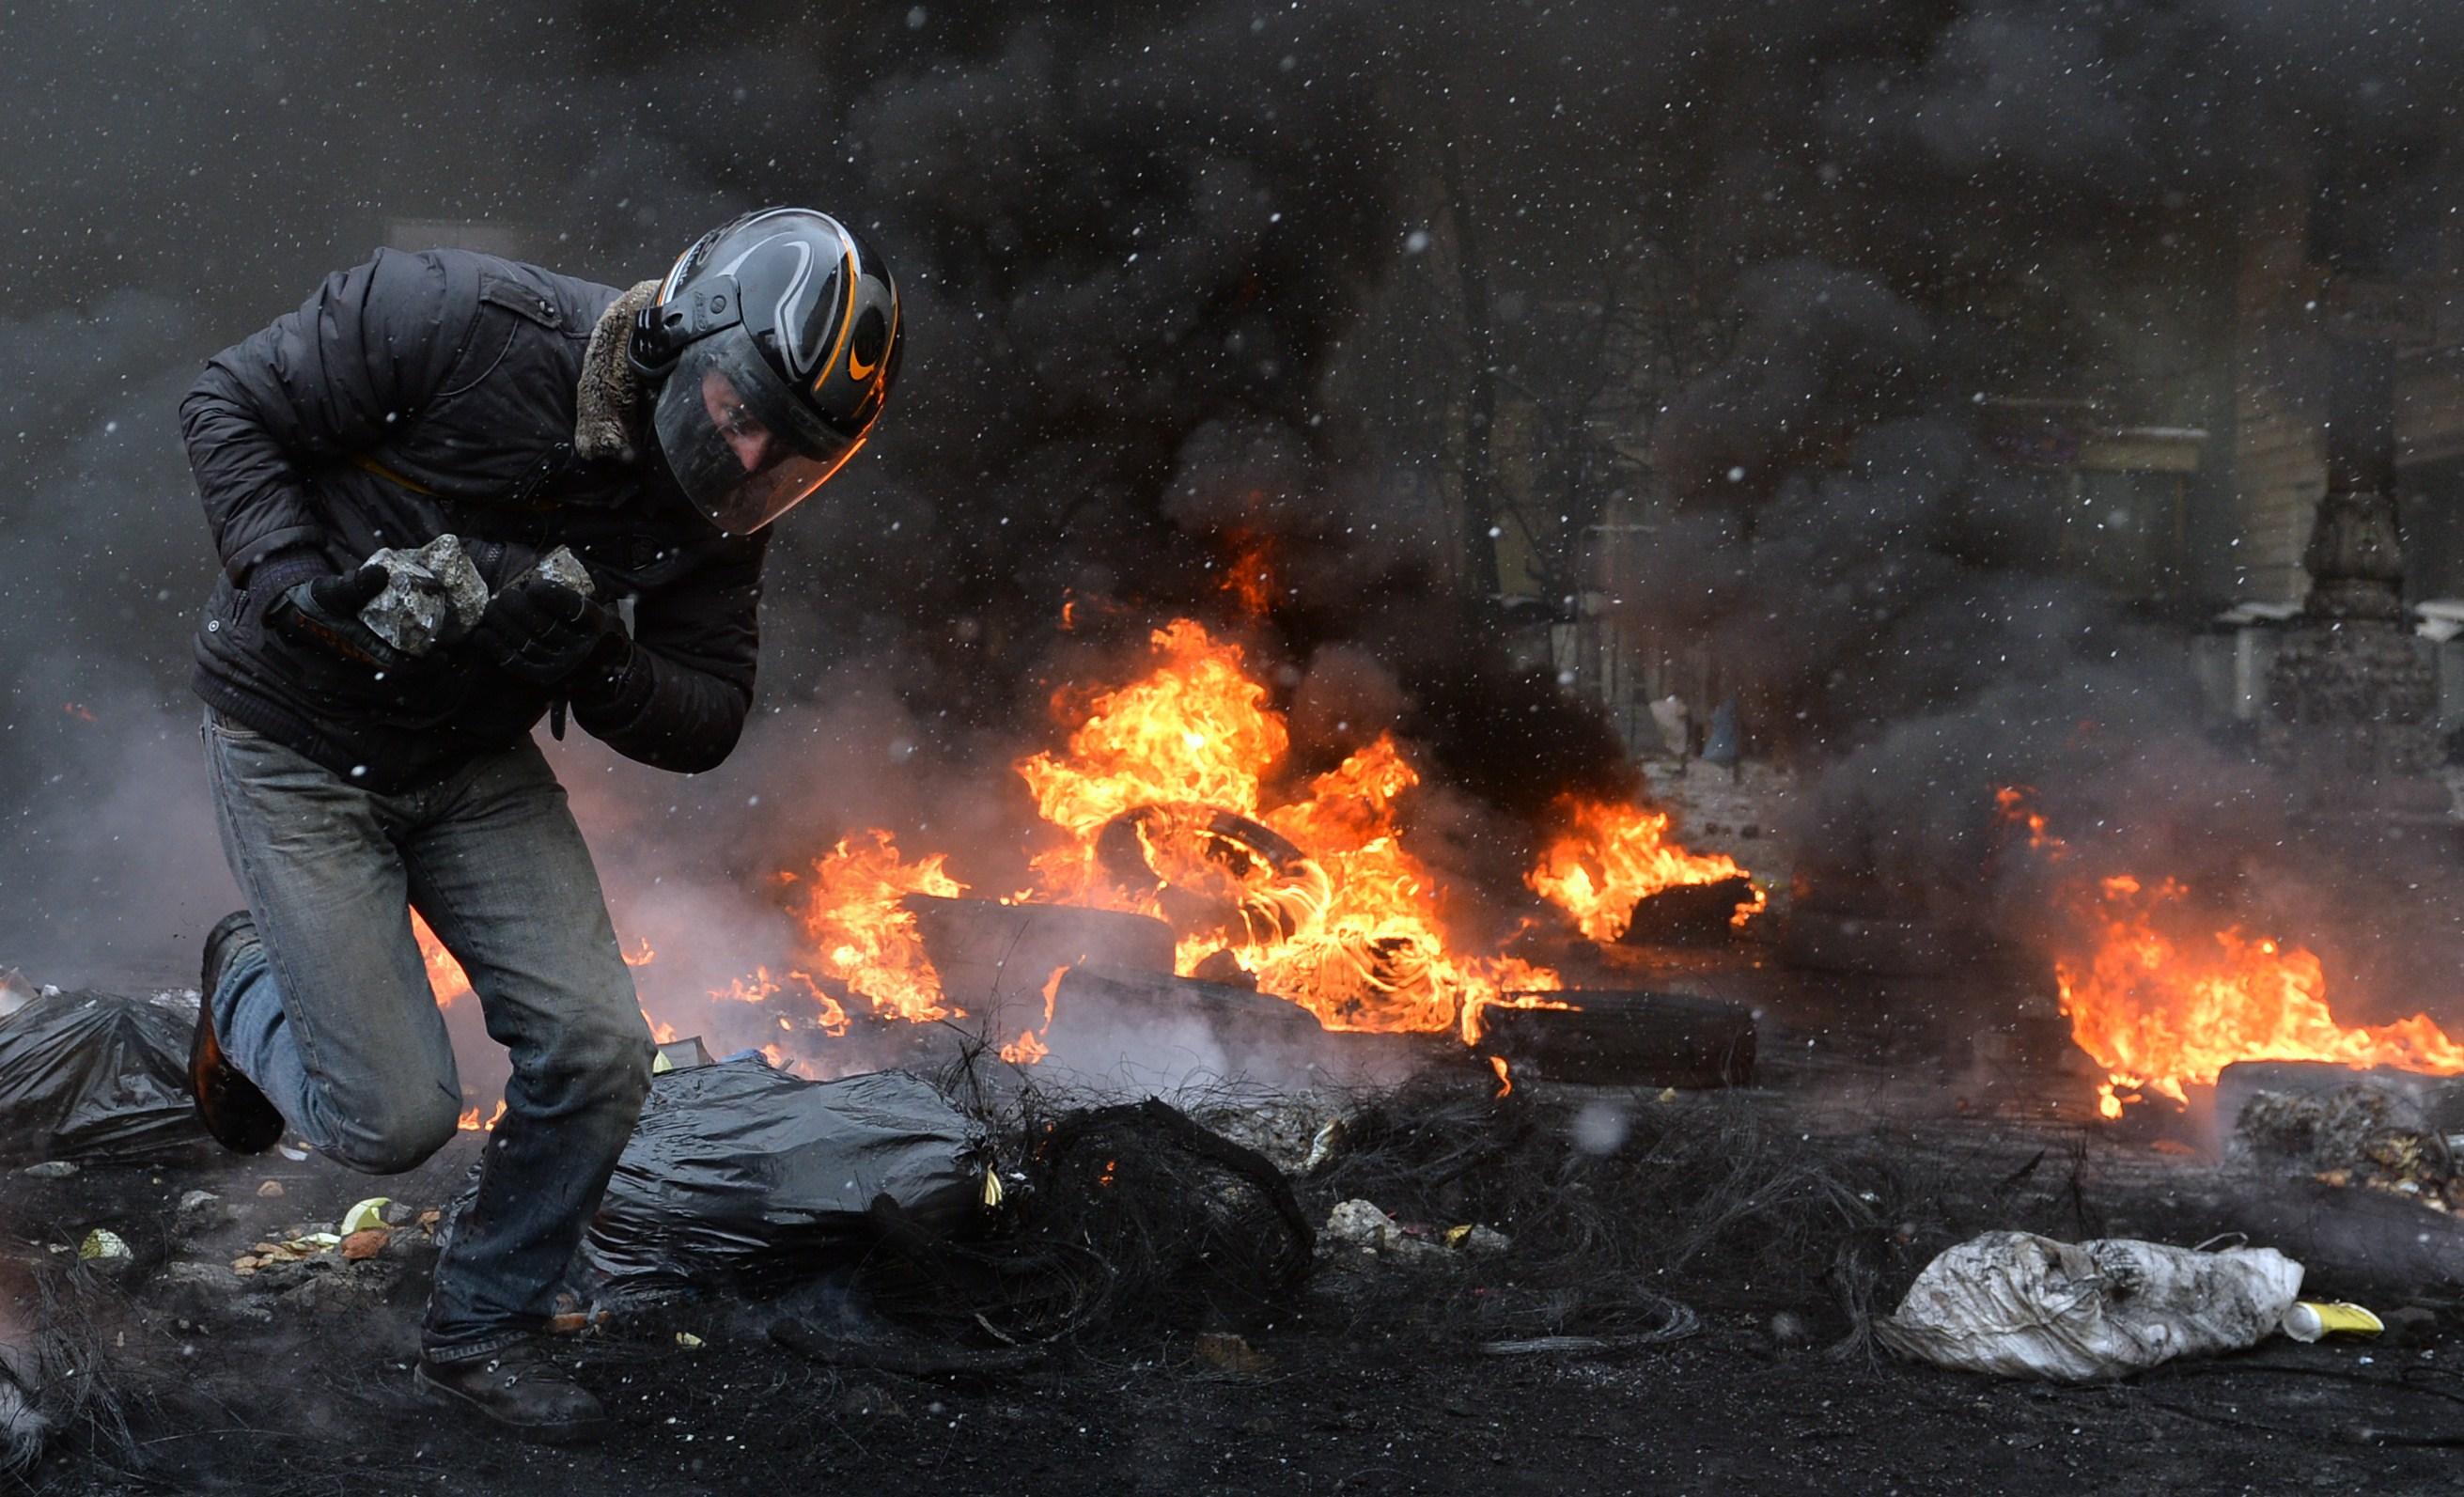 Espectaculares imágenes de los disturbios en Kiev 821792?tp=UH&db=IMAGENS